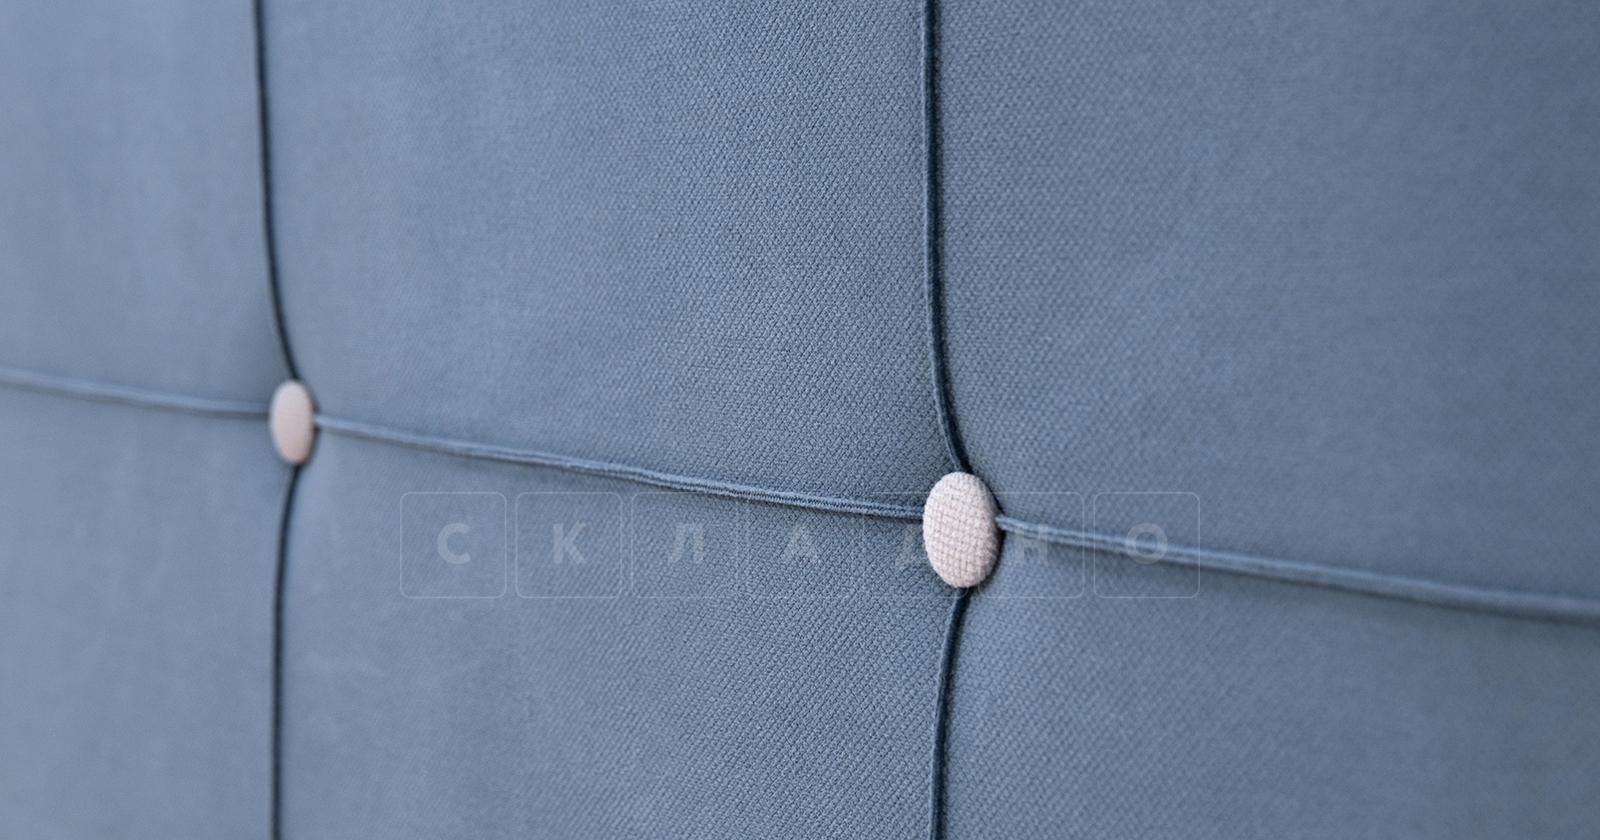 Диван-кровать угловой Флэтфорд серо-синий фото 12 | интернет-магазин Складно